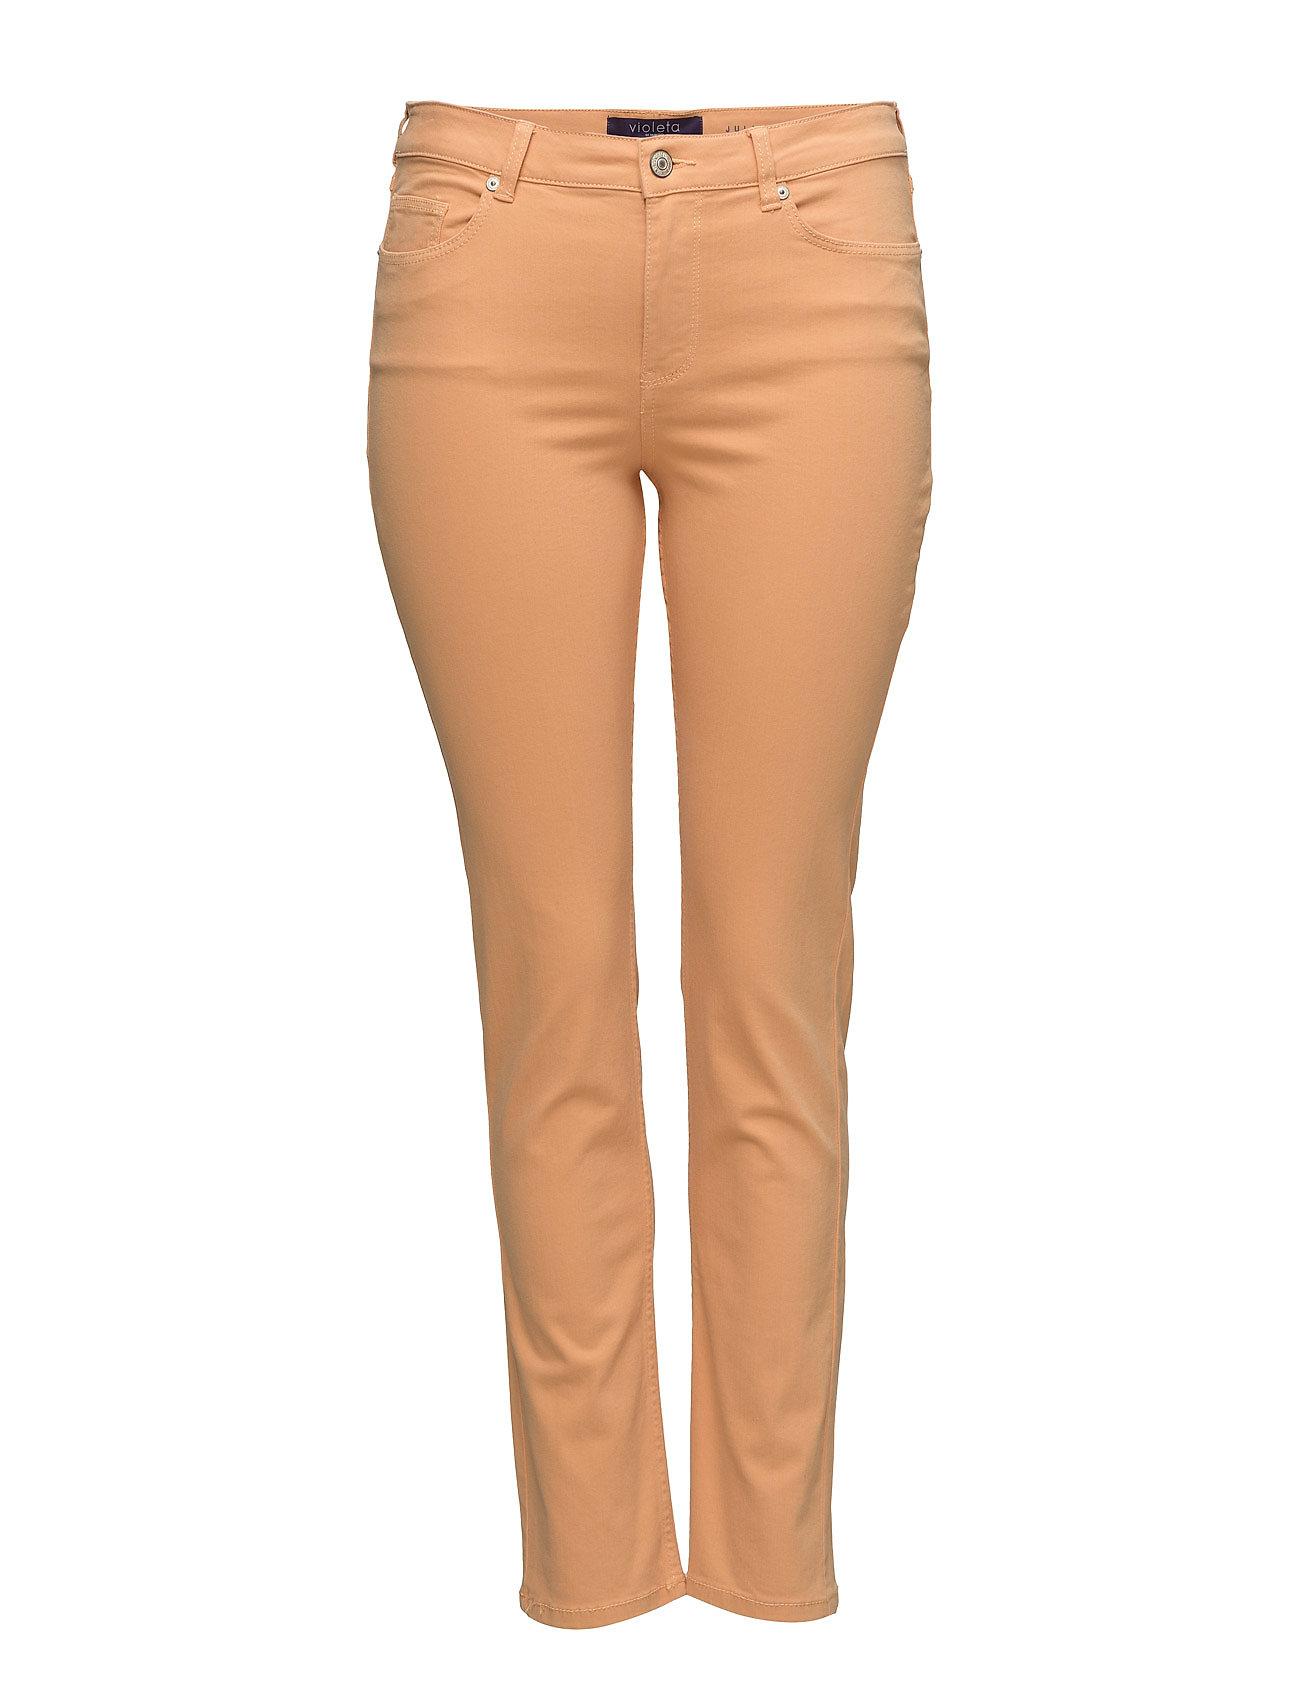 Slim-Fit Julia Jeans Violeta by Mango Jeans til Kvinder i